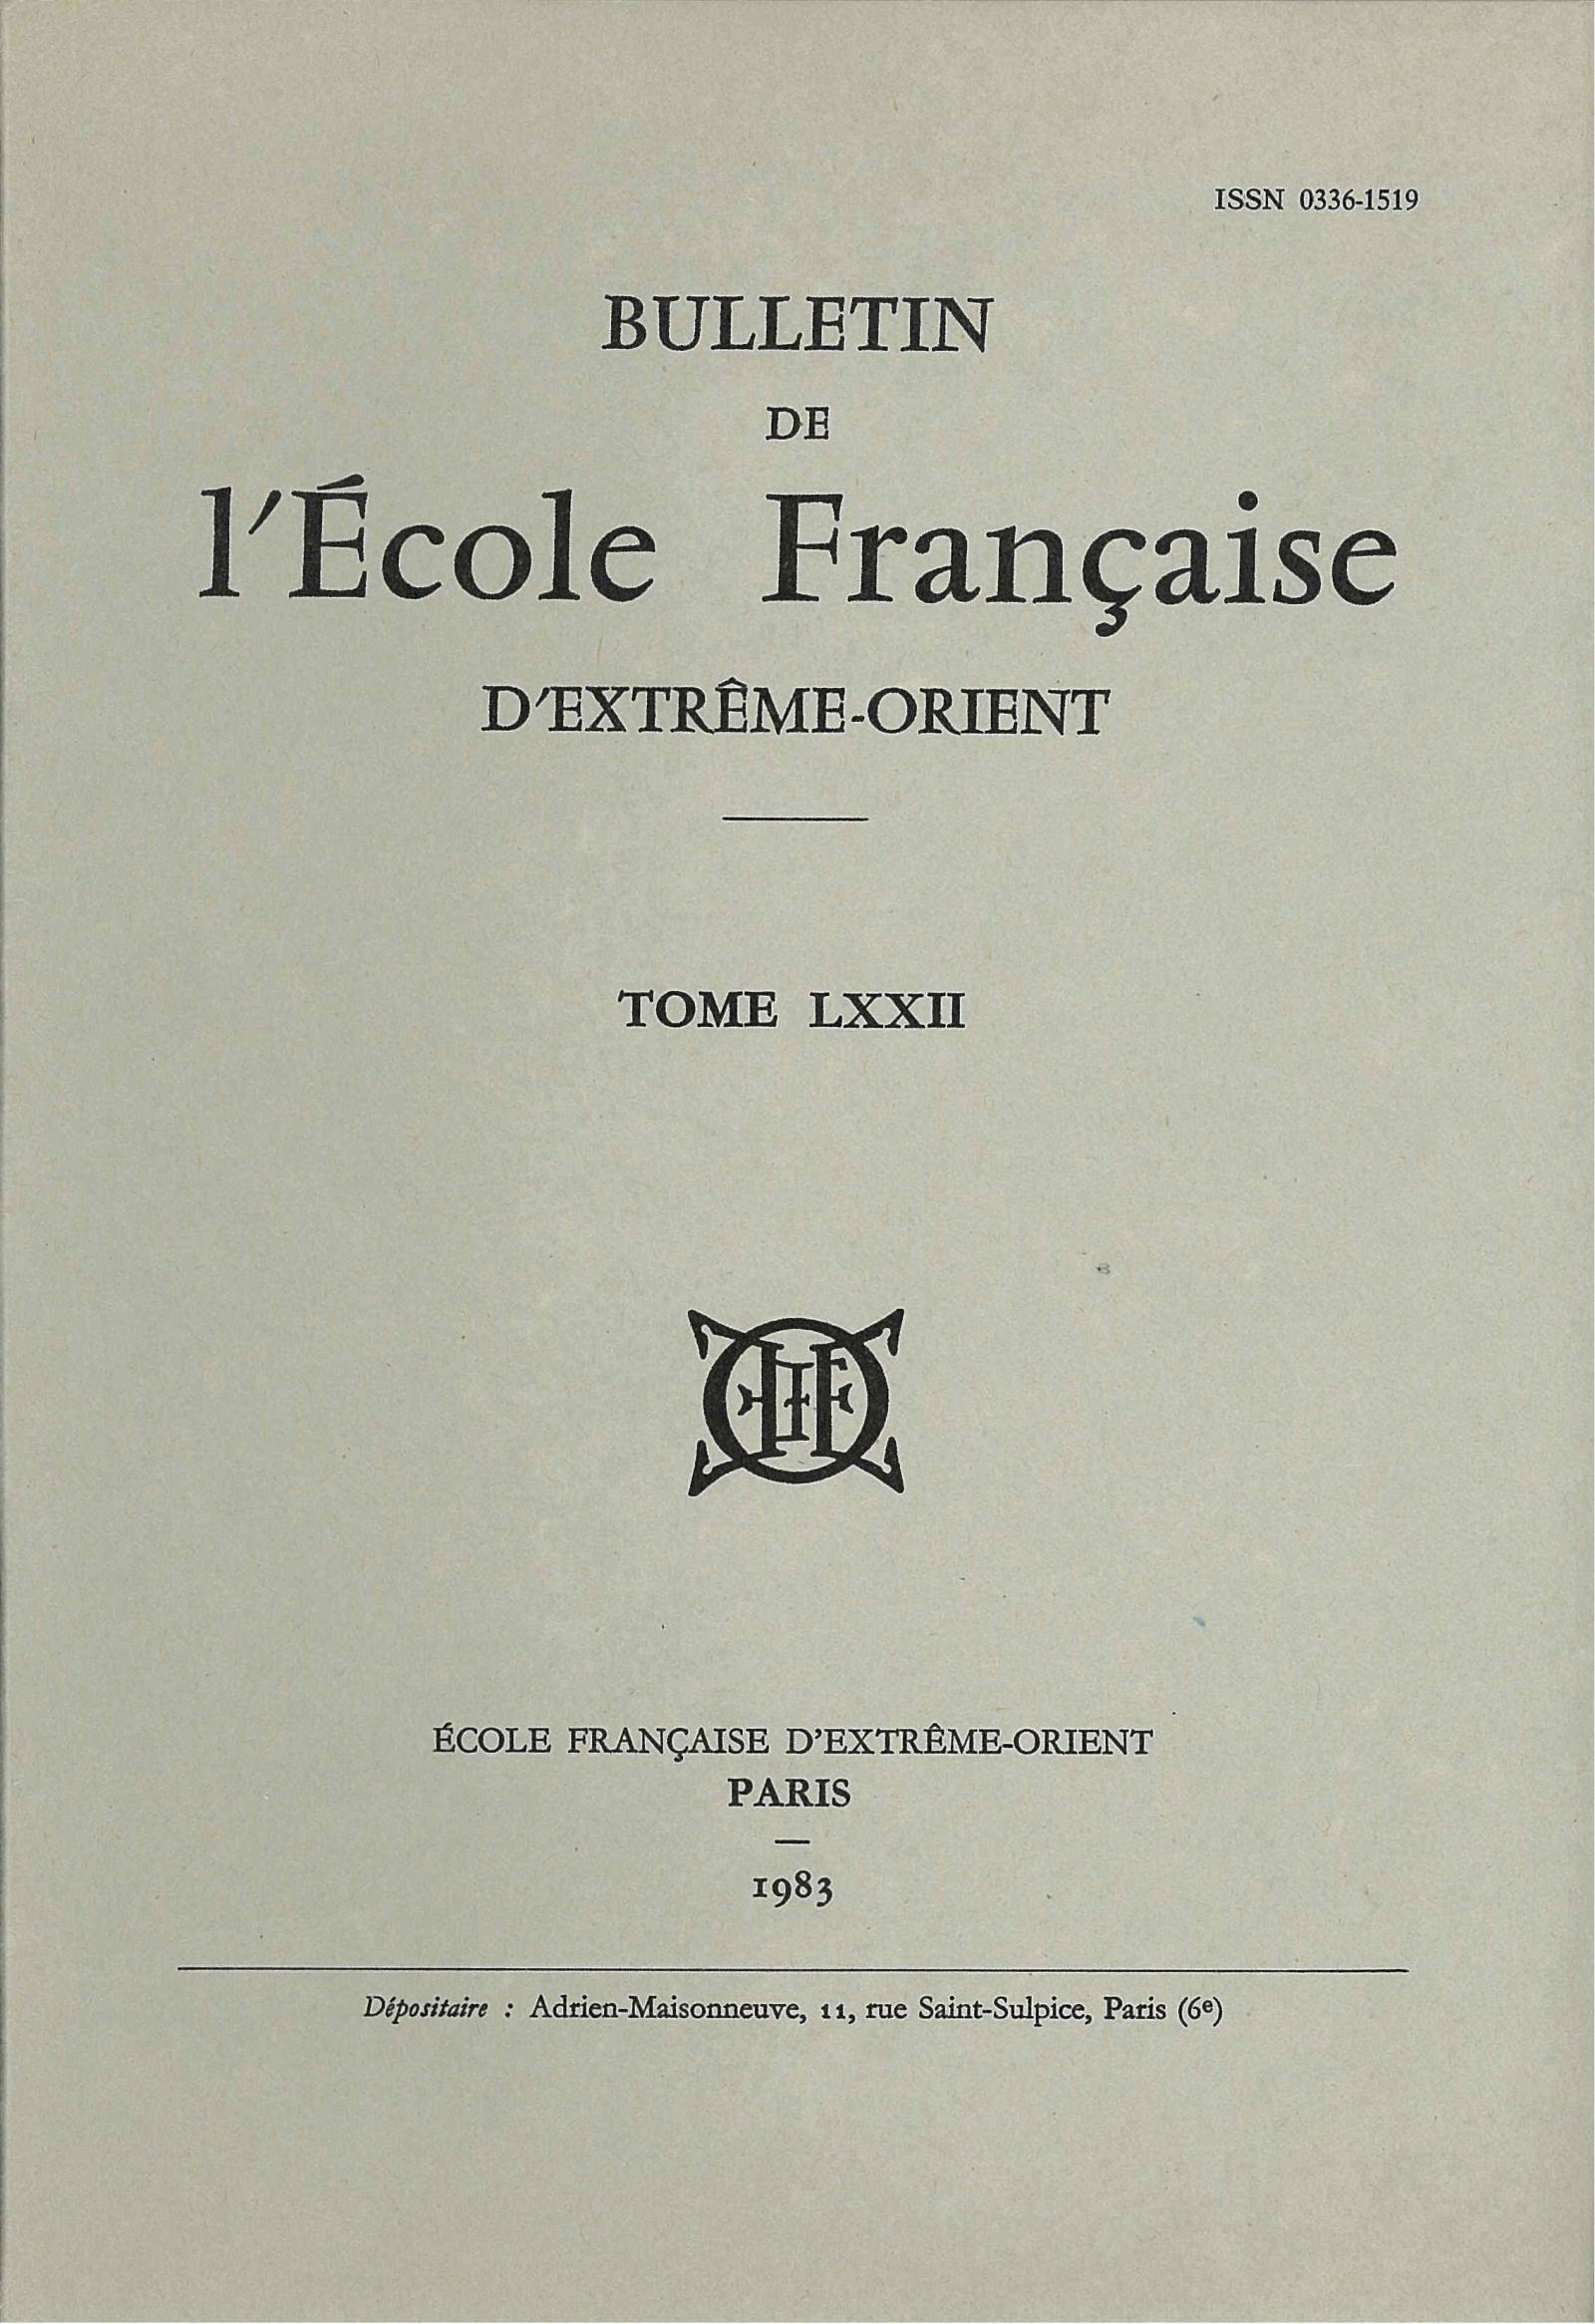 Bulletin de l'Ecole française d'Extrême-Orient 72 (1983)